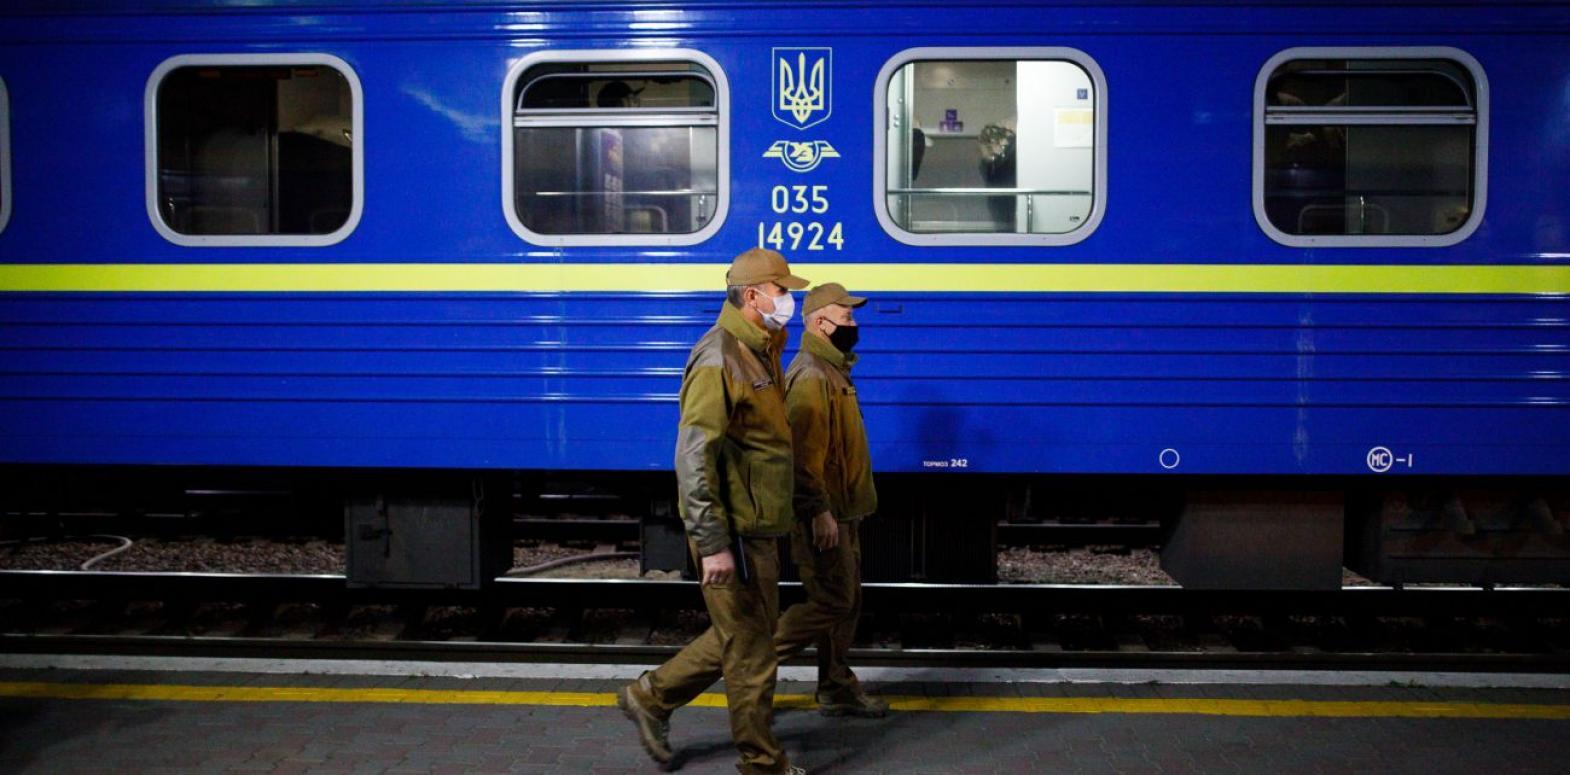 Переход на зимнее время: УЗ учла перевод стрелок в расписании поездов